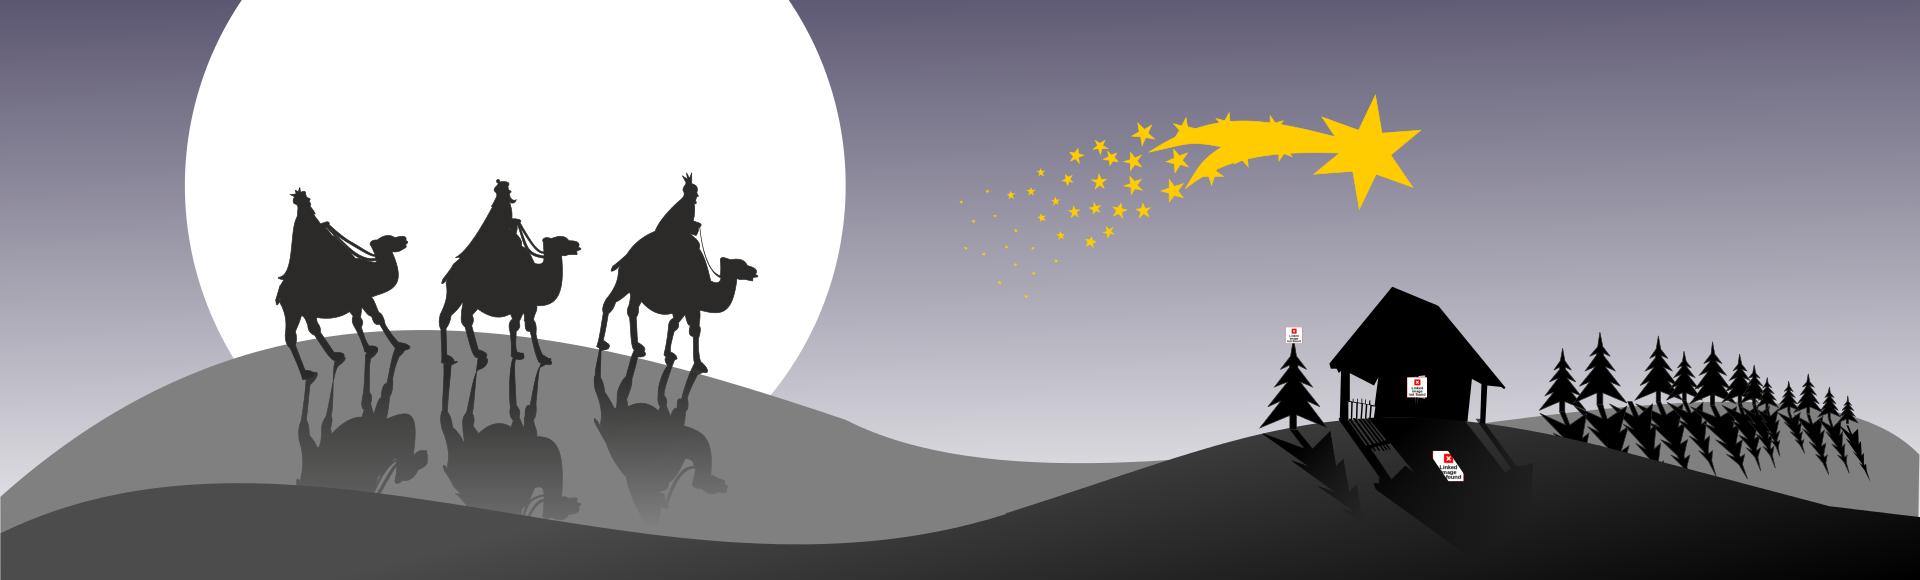 Wir folgen dem Stern